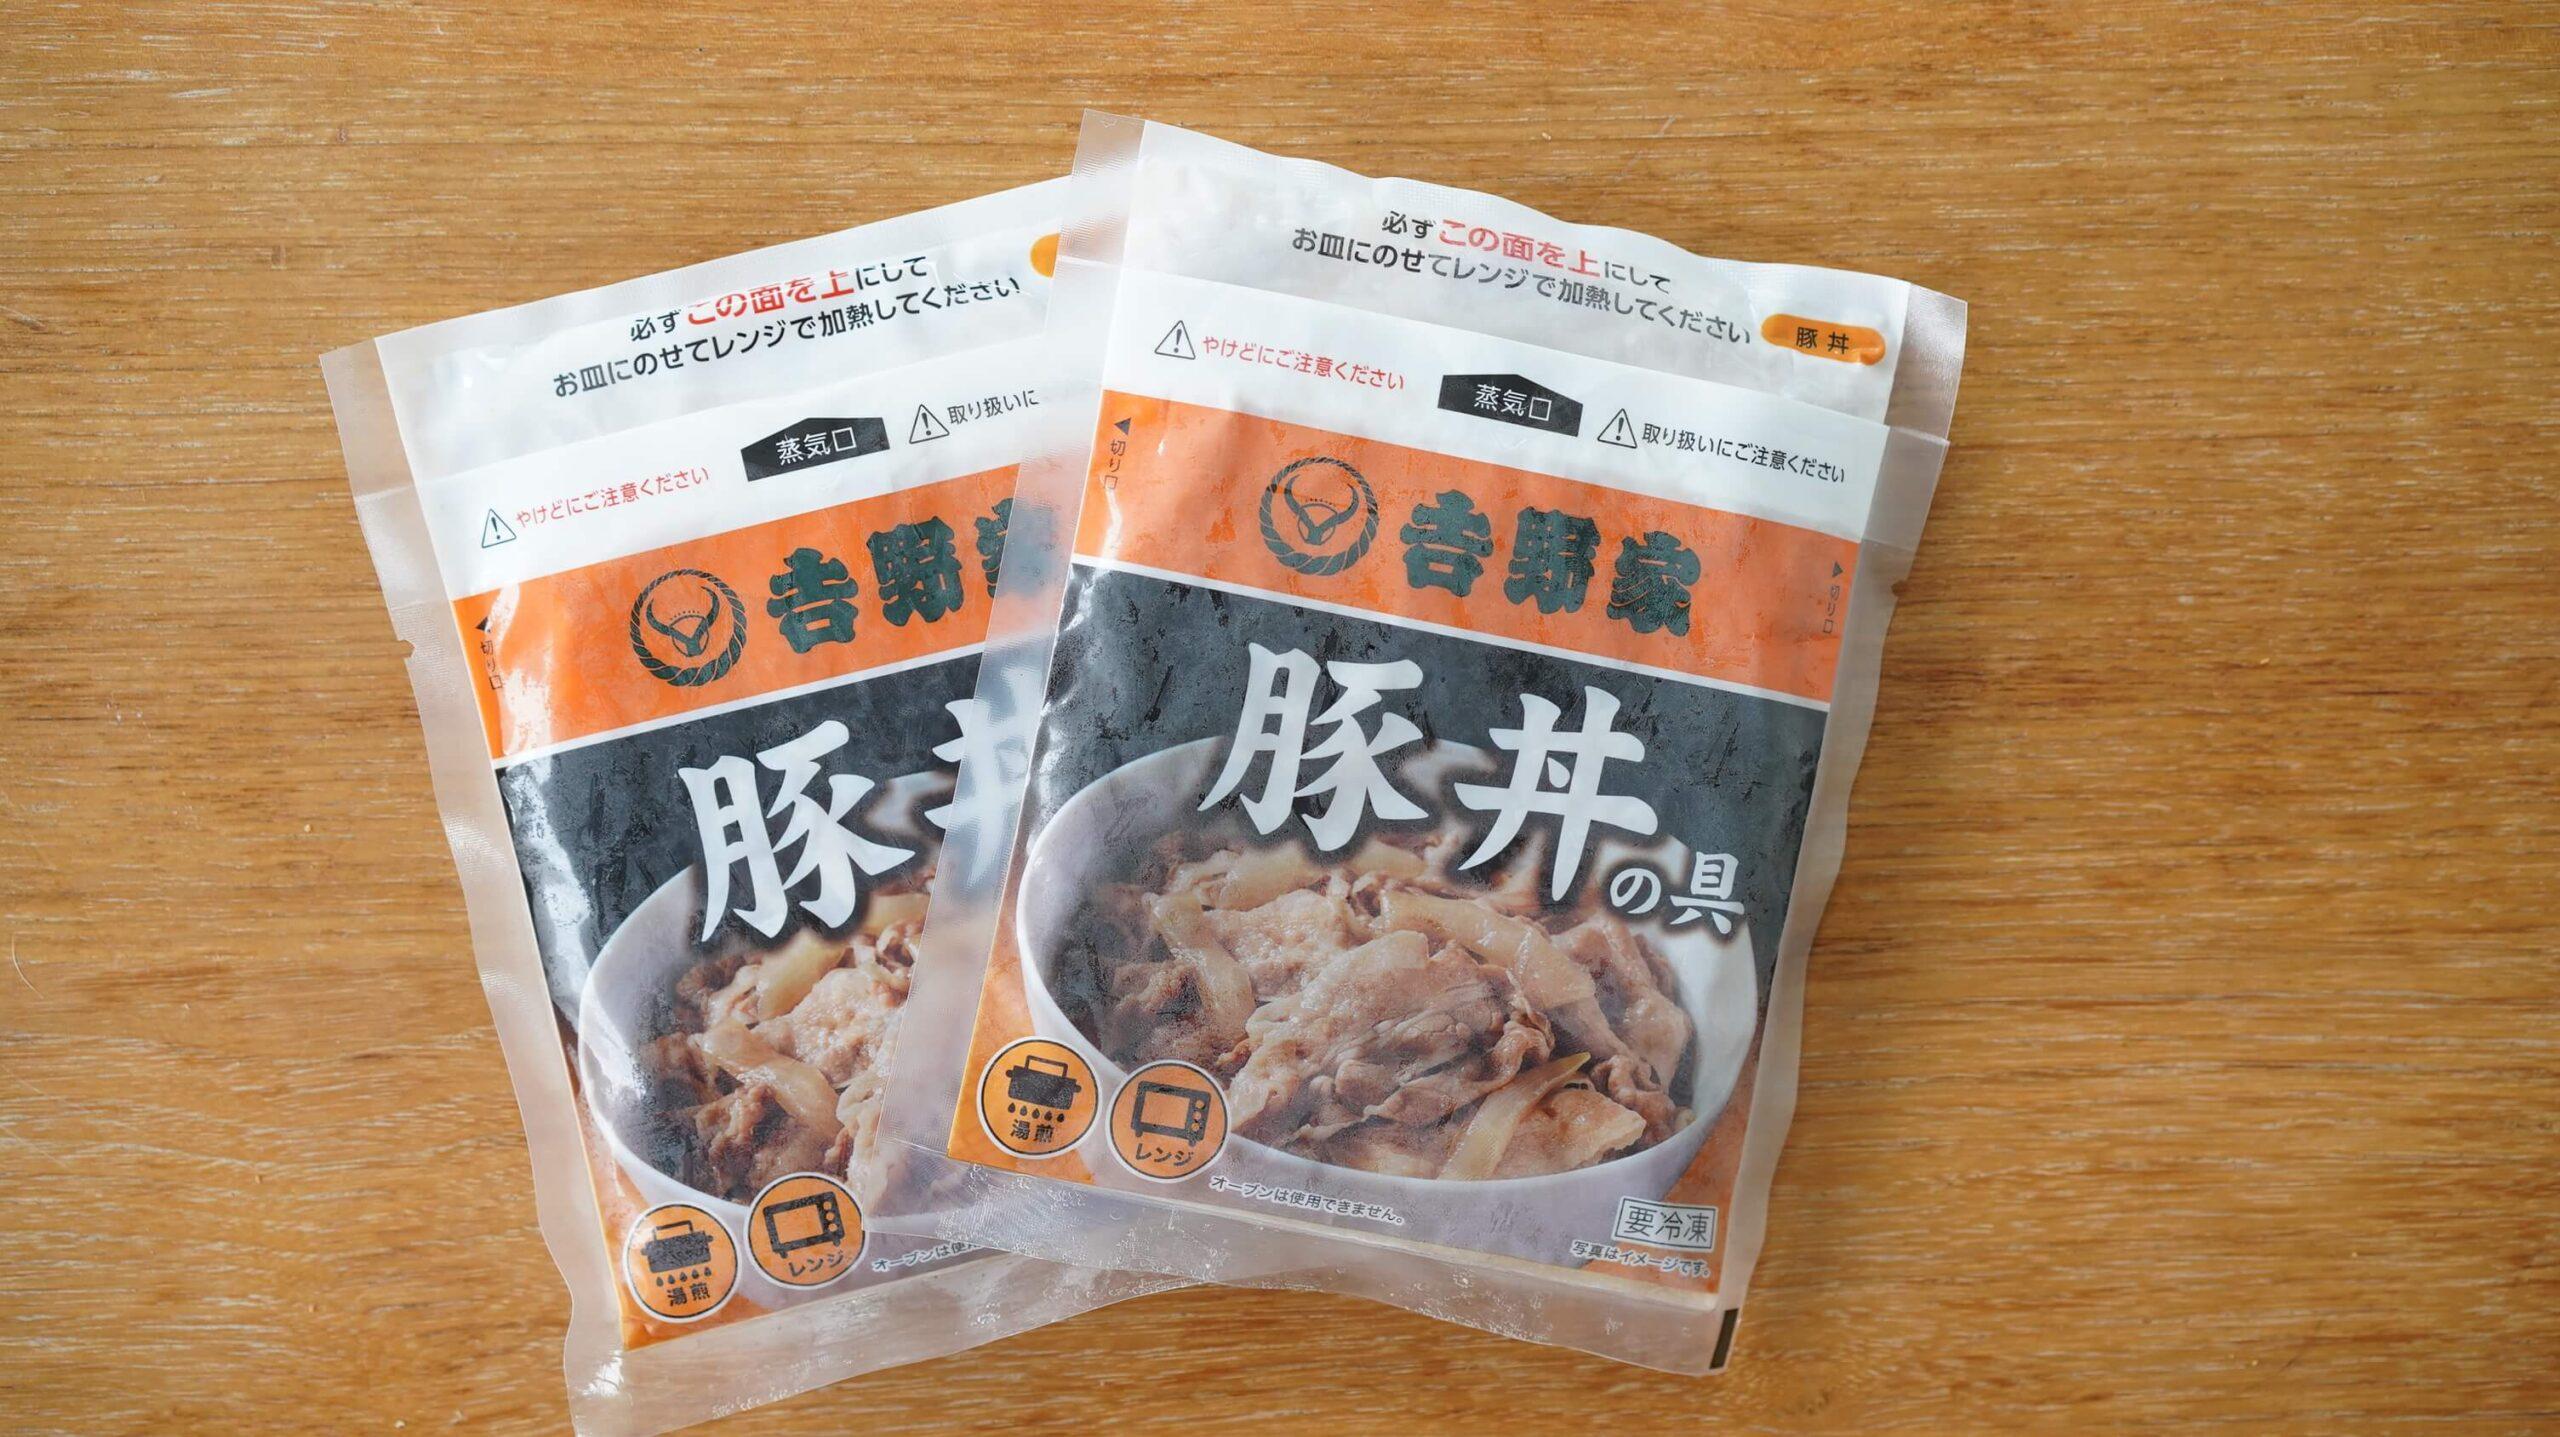 吉野家の冷凍食品「豚丼」のパッケージを2つ並べた写真